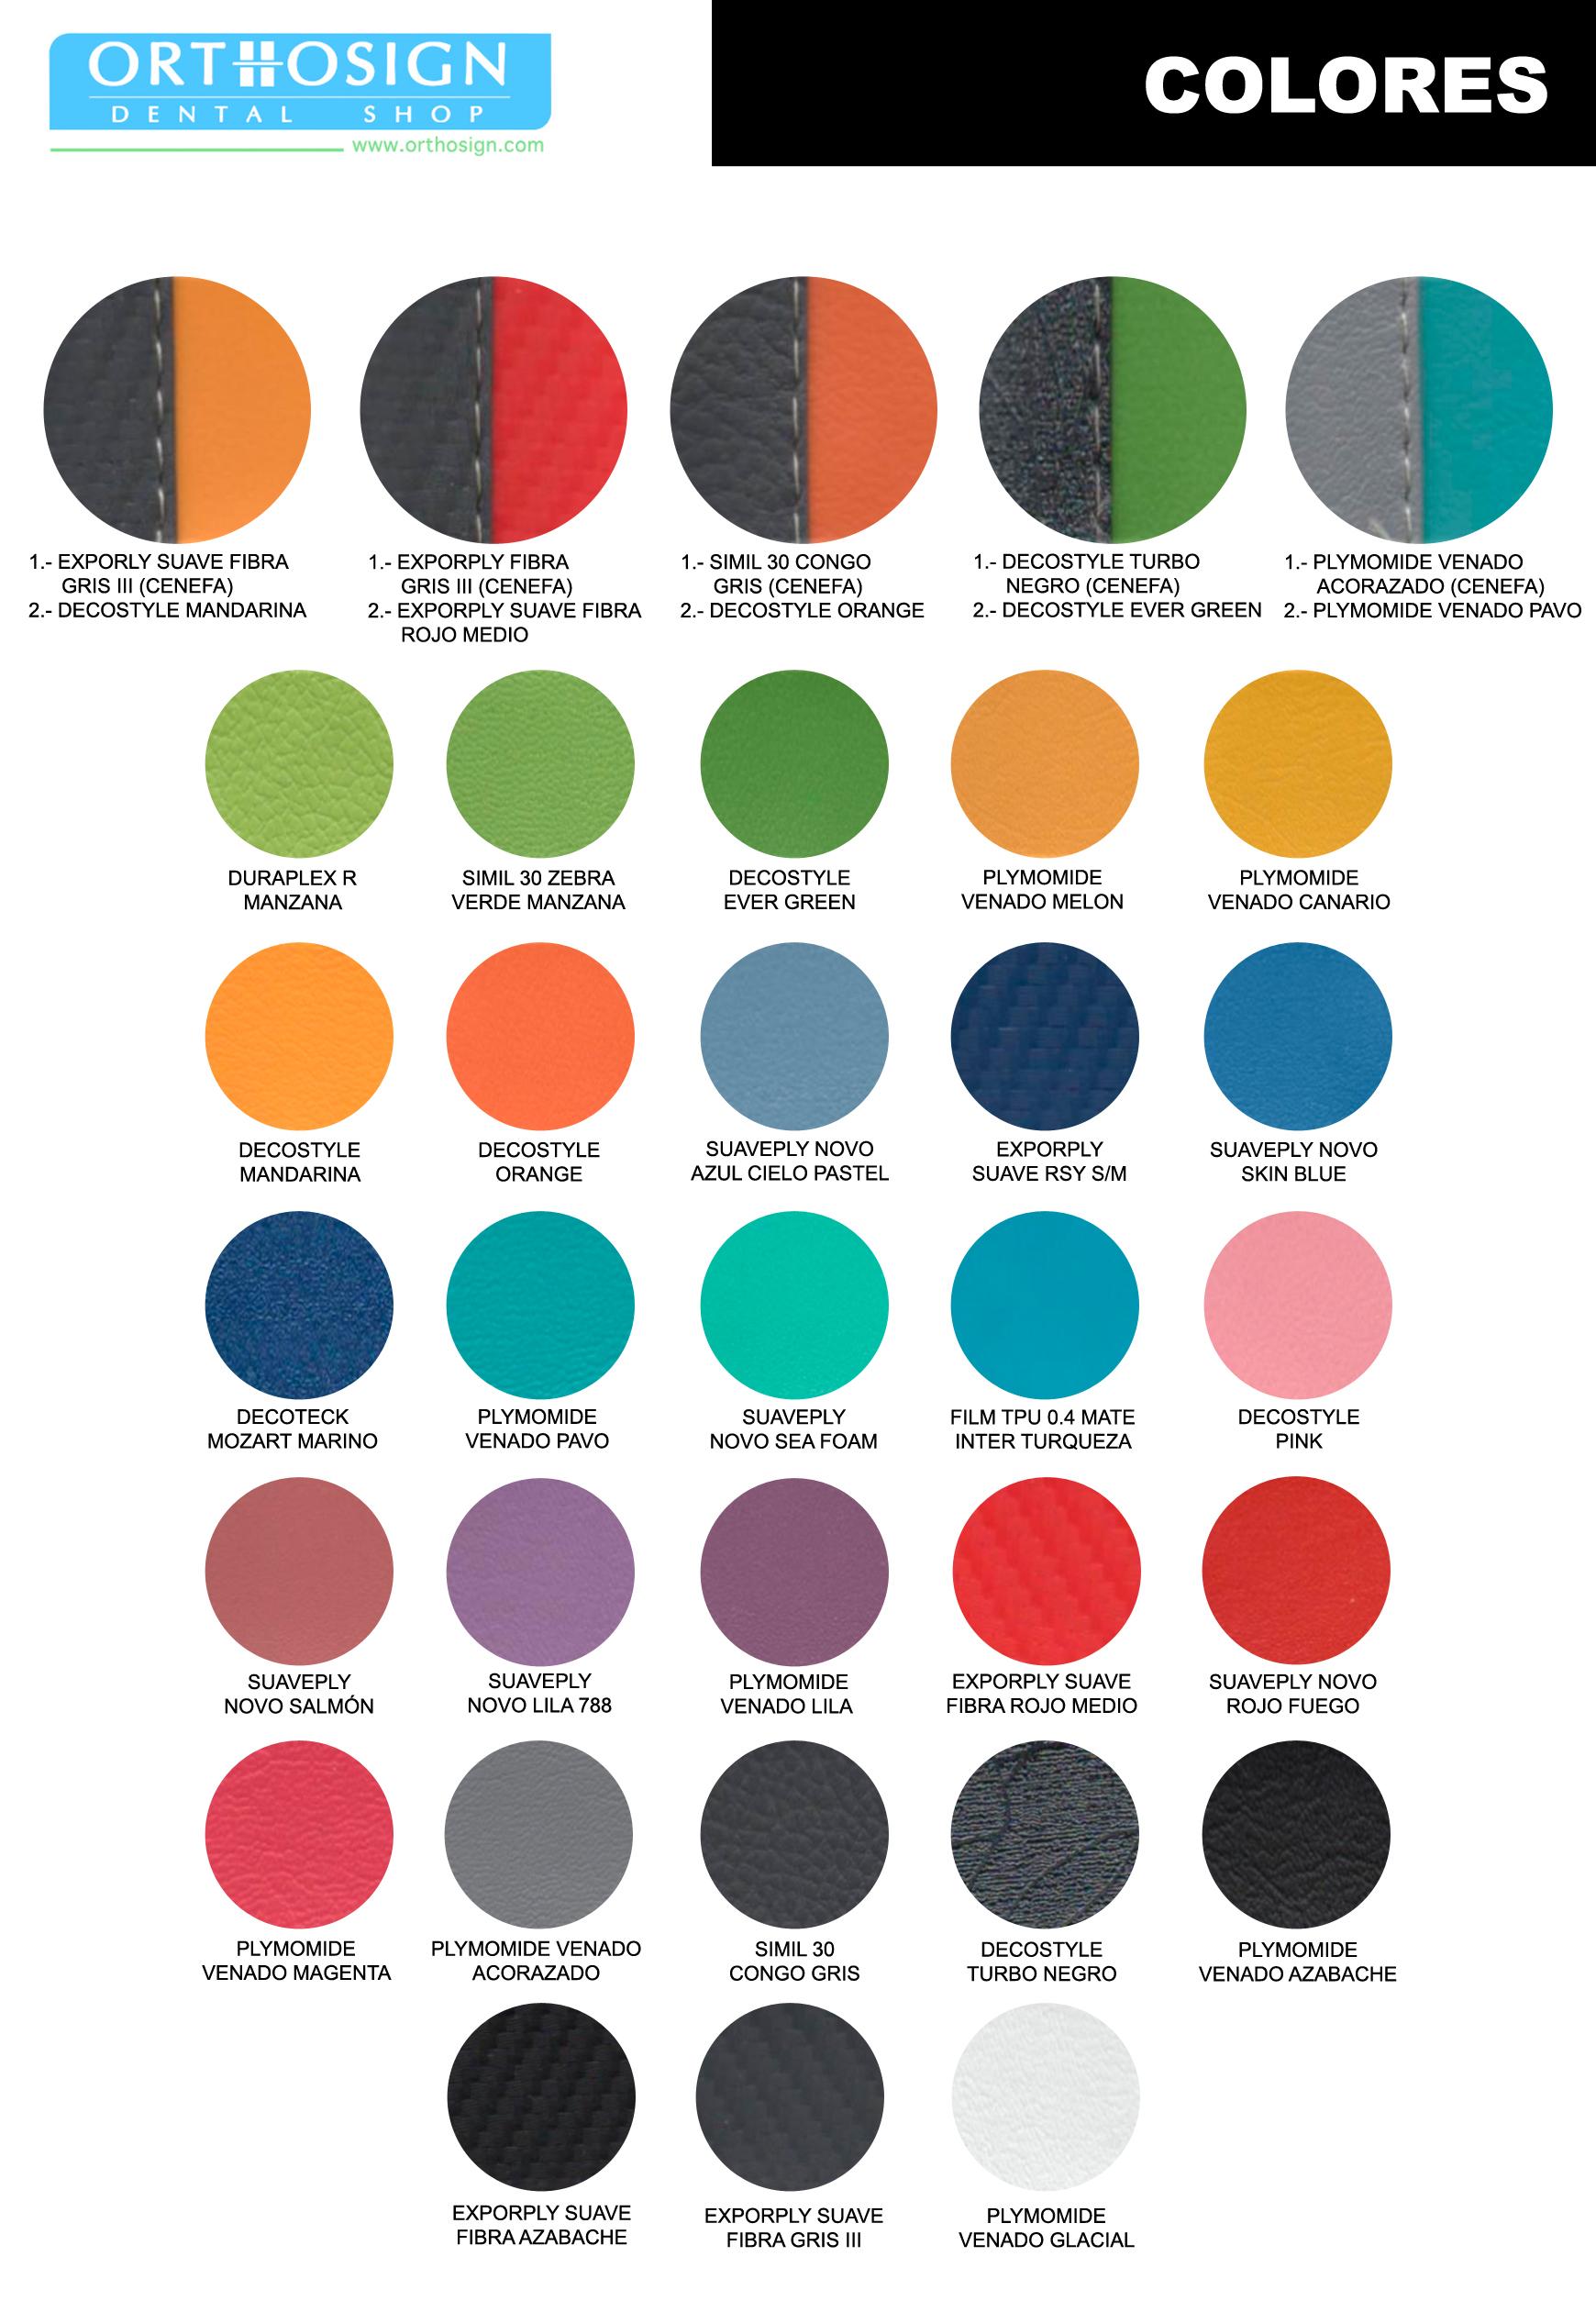 Colores - Unidades Dentales Peymar